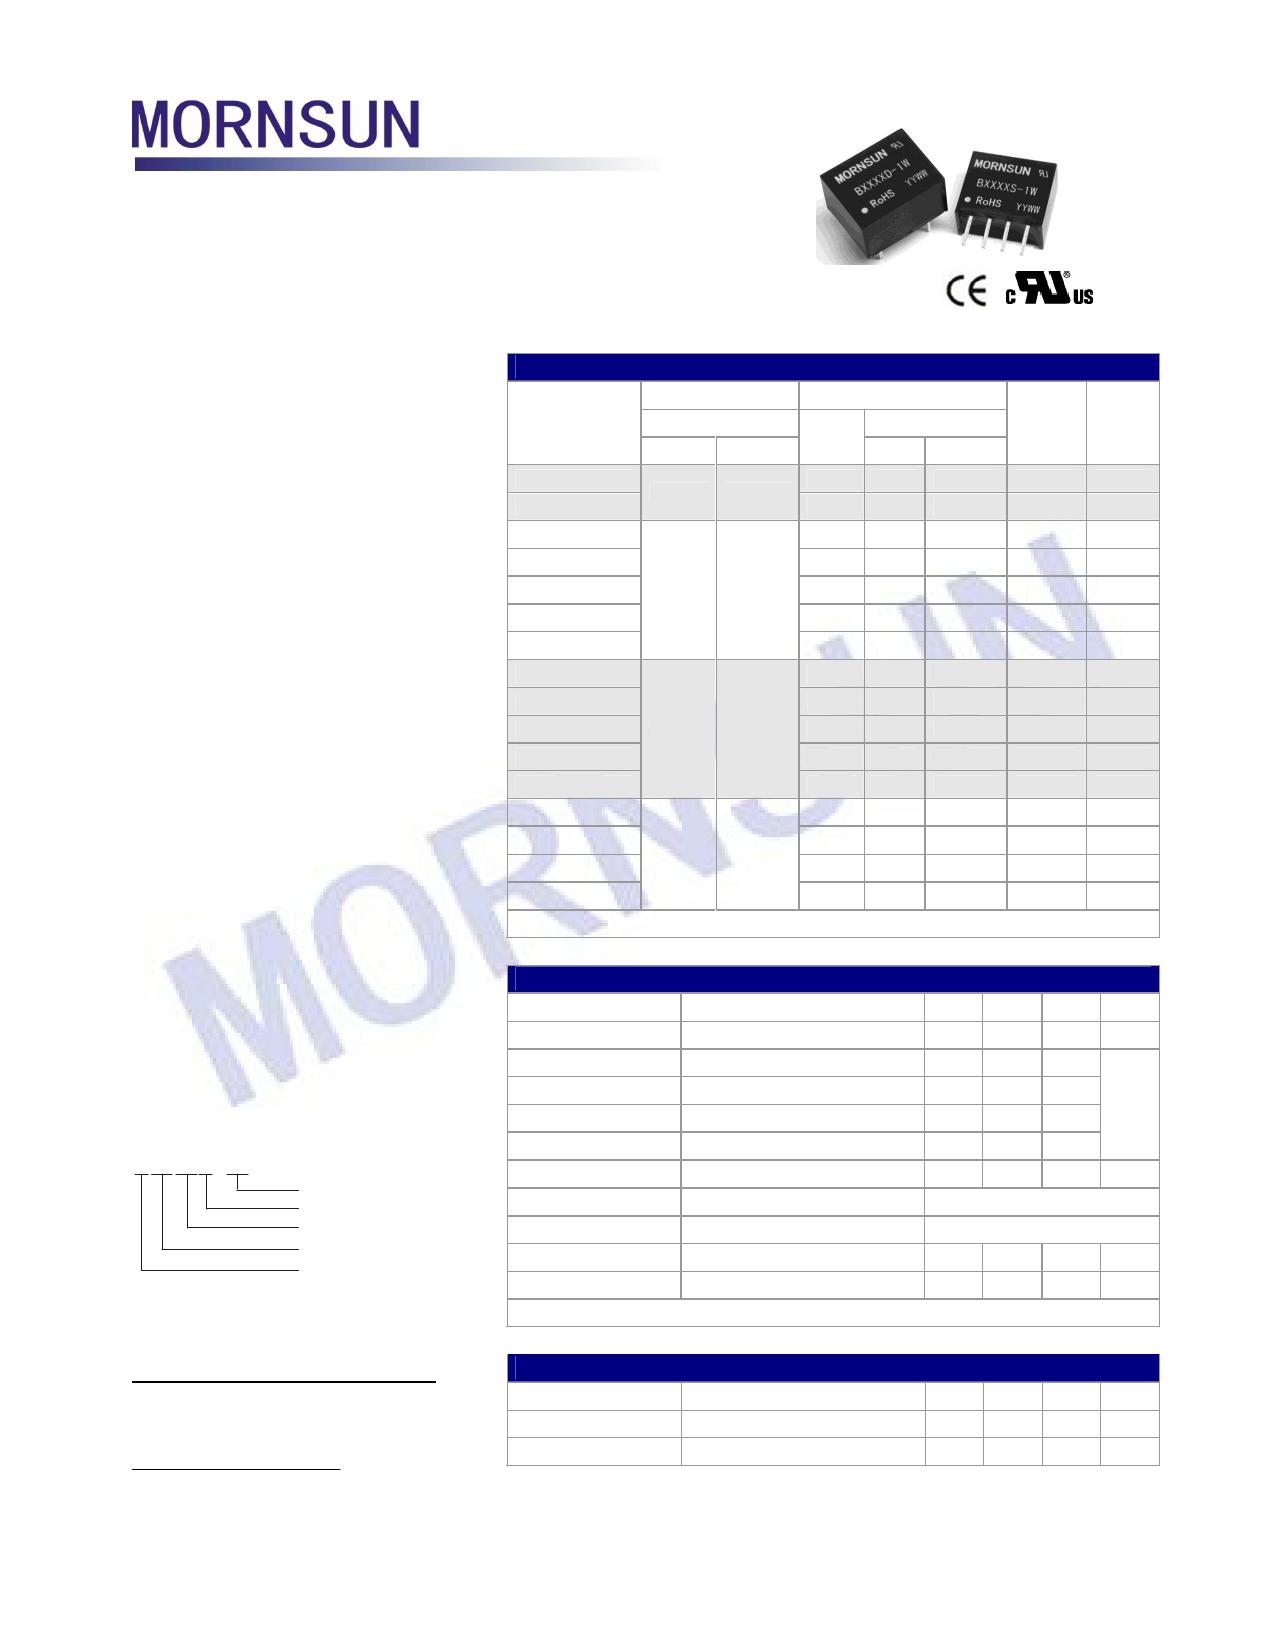 B0305S-1W datasheet